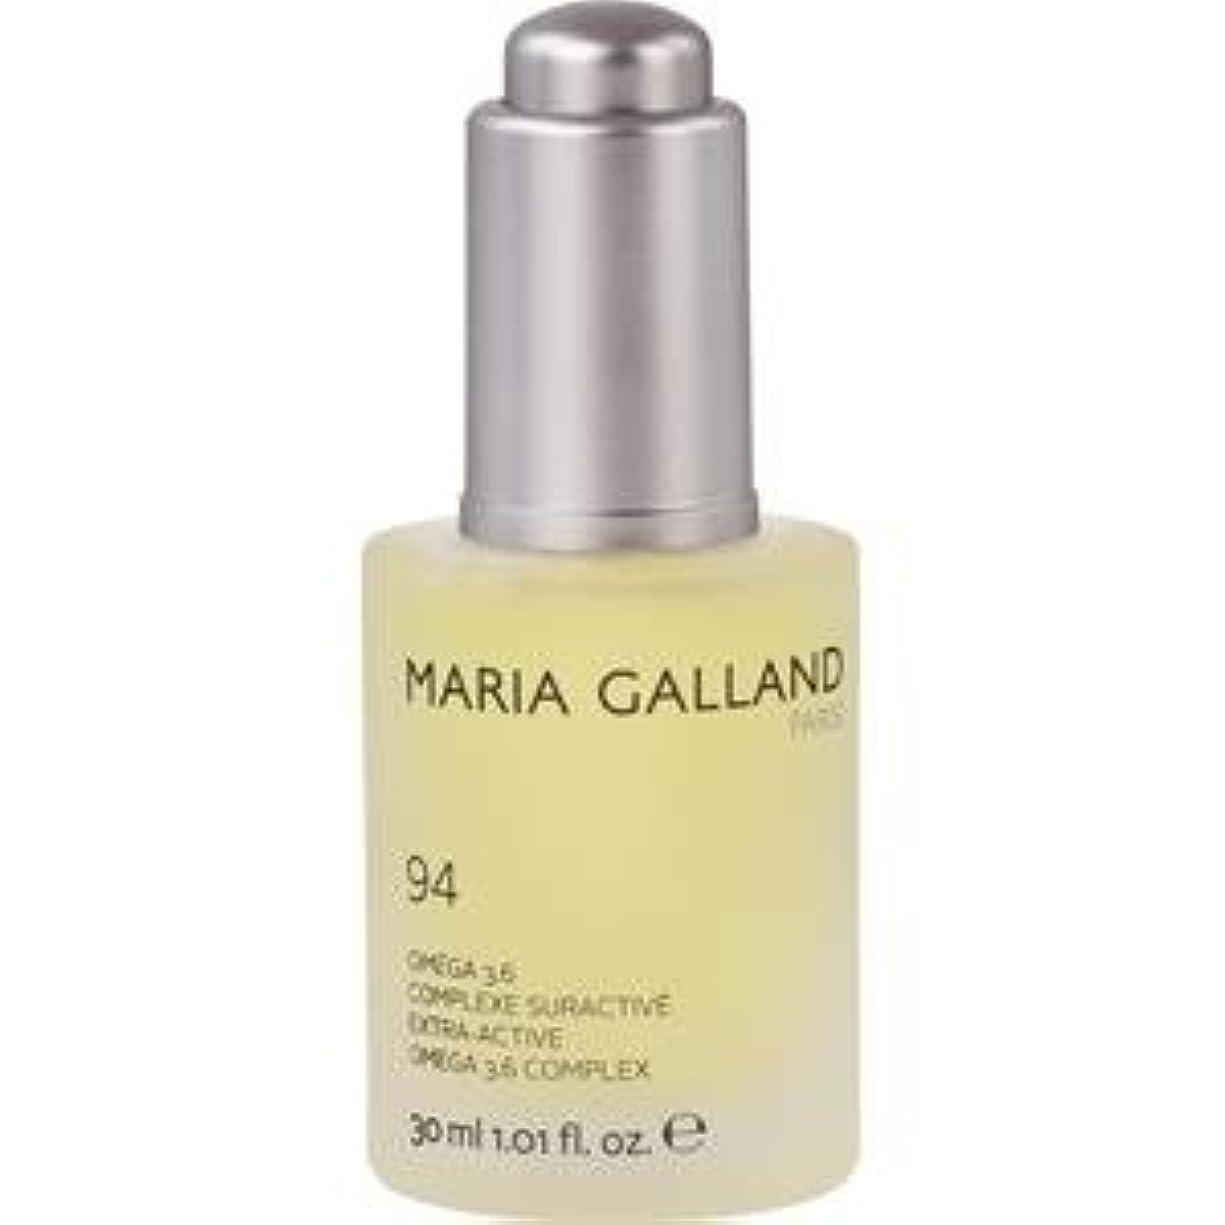 換気レンディション口述するマリア ギャラン フェイシャル オイル 94(美容液)30ml Style限定セット